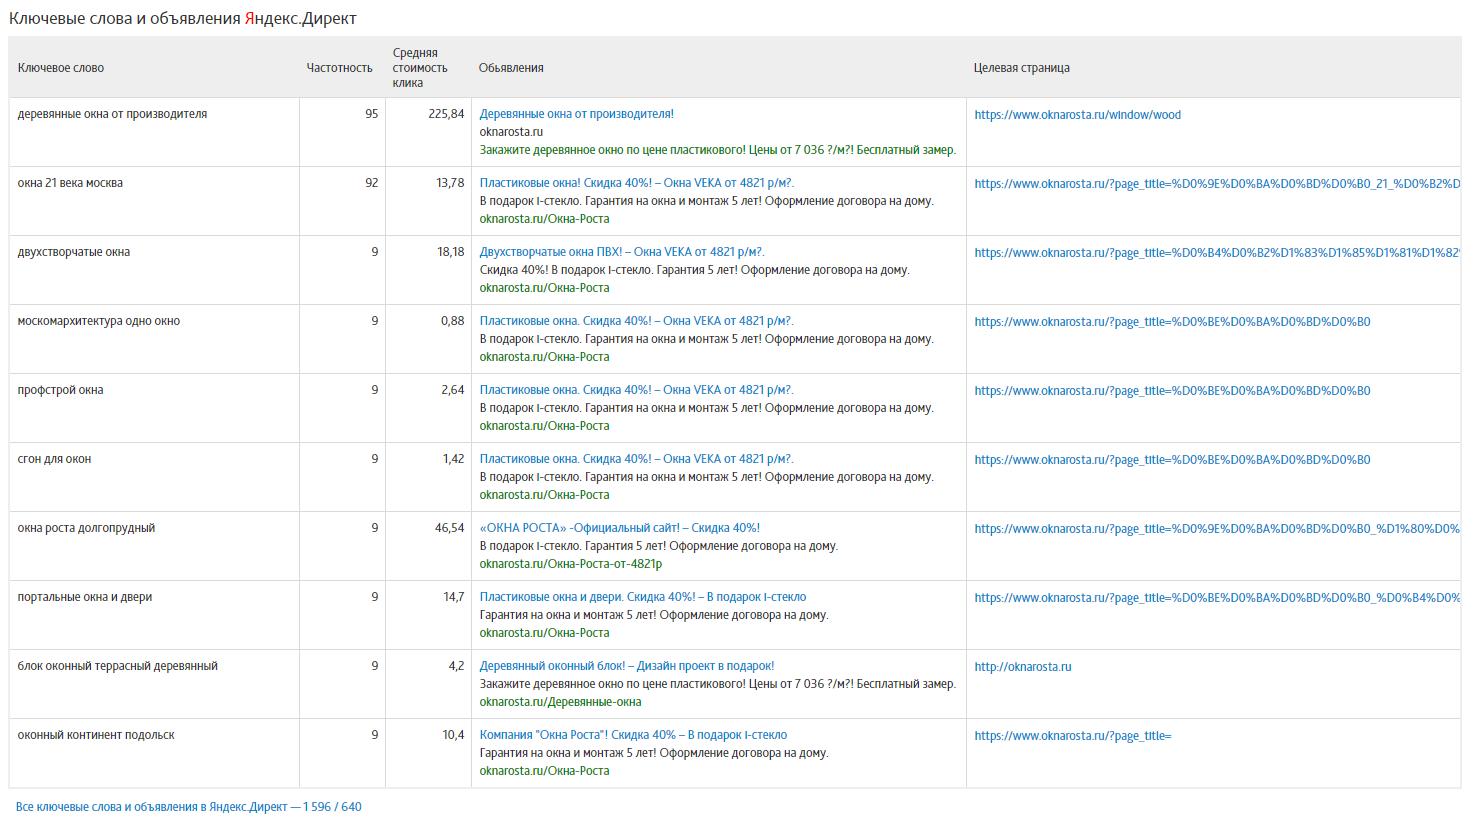 Отчёт по видимости и конкурентам в Сайтрепорте - ключевые слова и объявления Яндекс.Директ